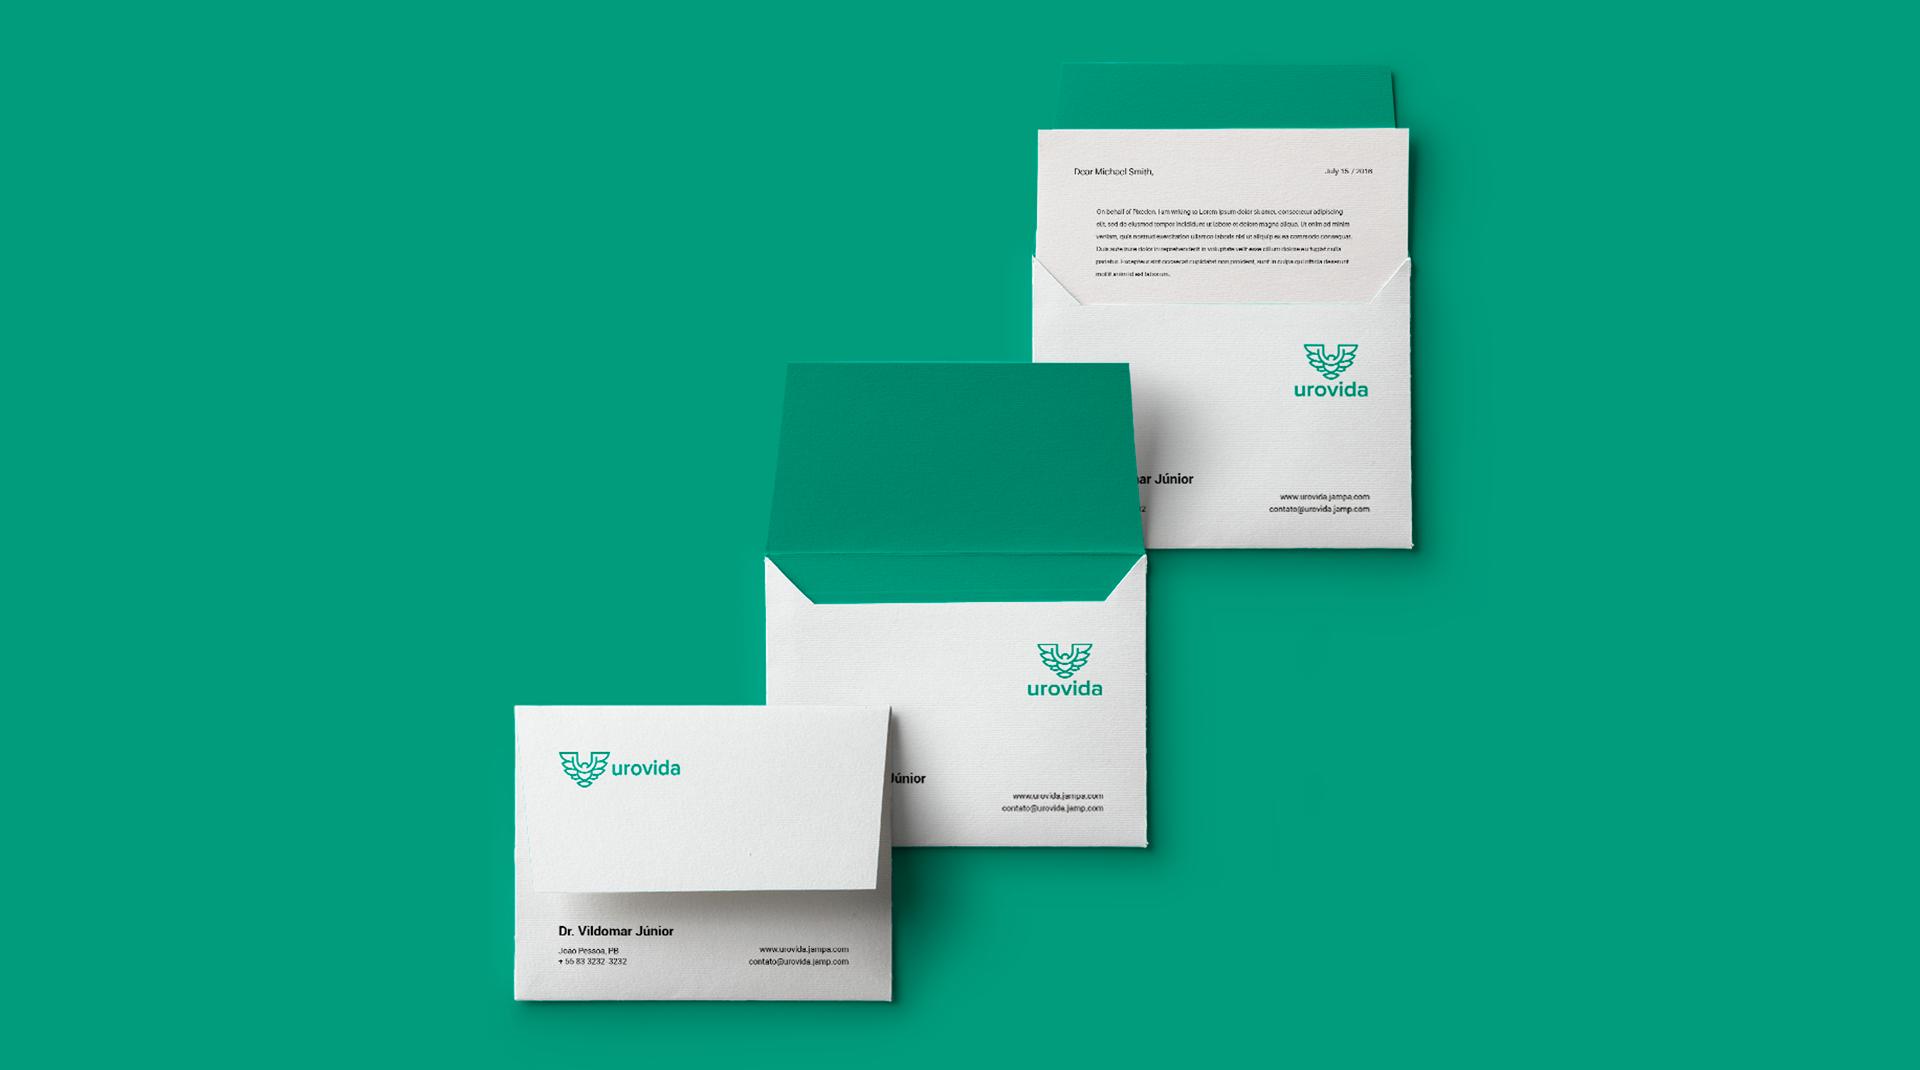 Envelope-Brand-Presentation-Mockup.png